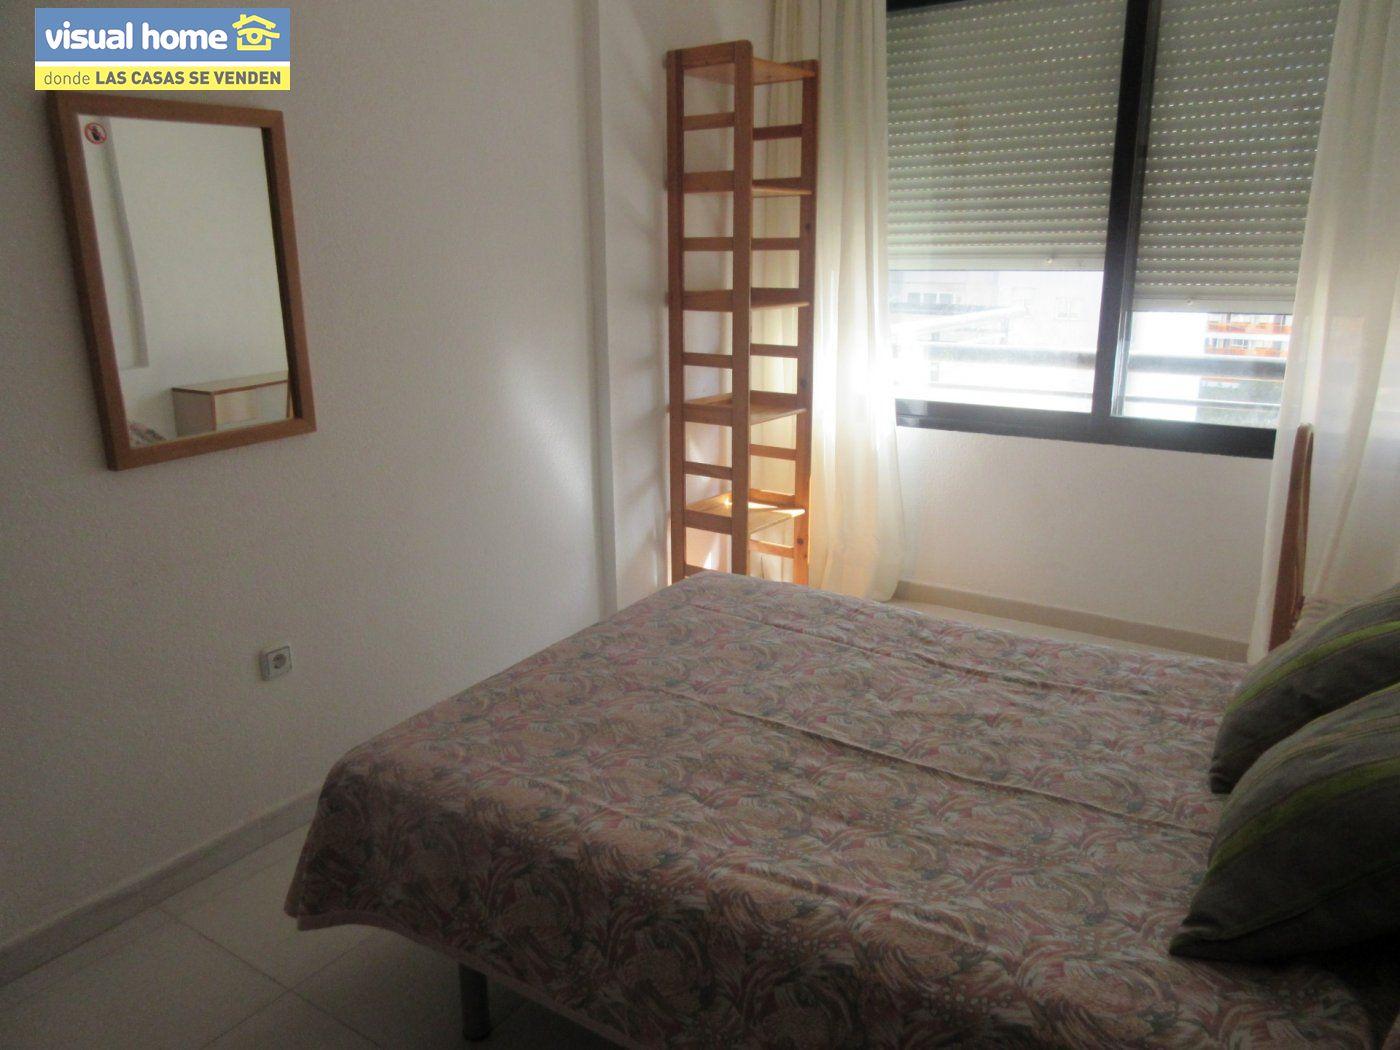 Apartamento de un dormitorio con parking y piscina en Rincón de Loix llano 18